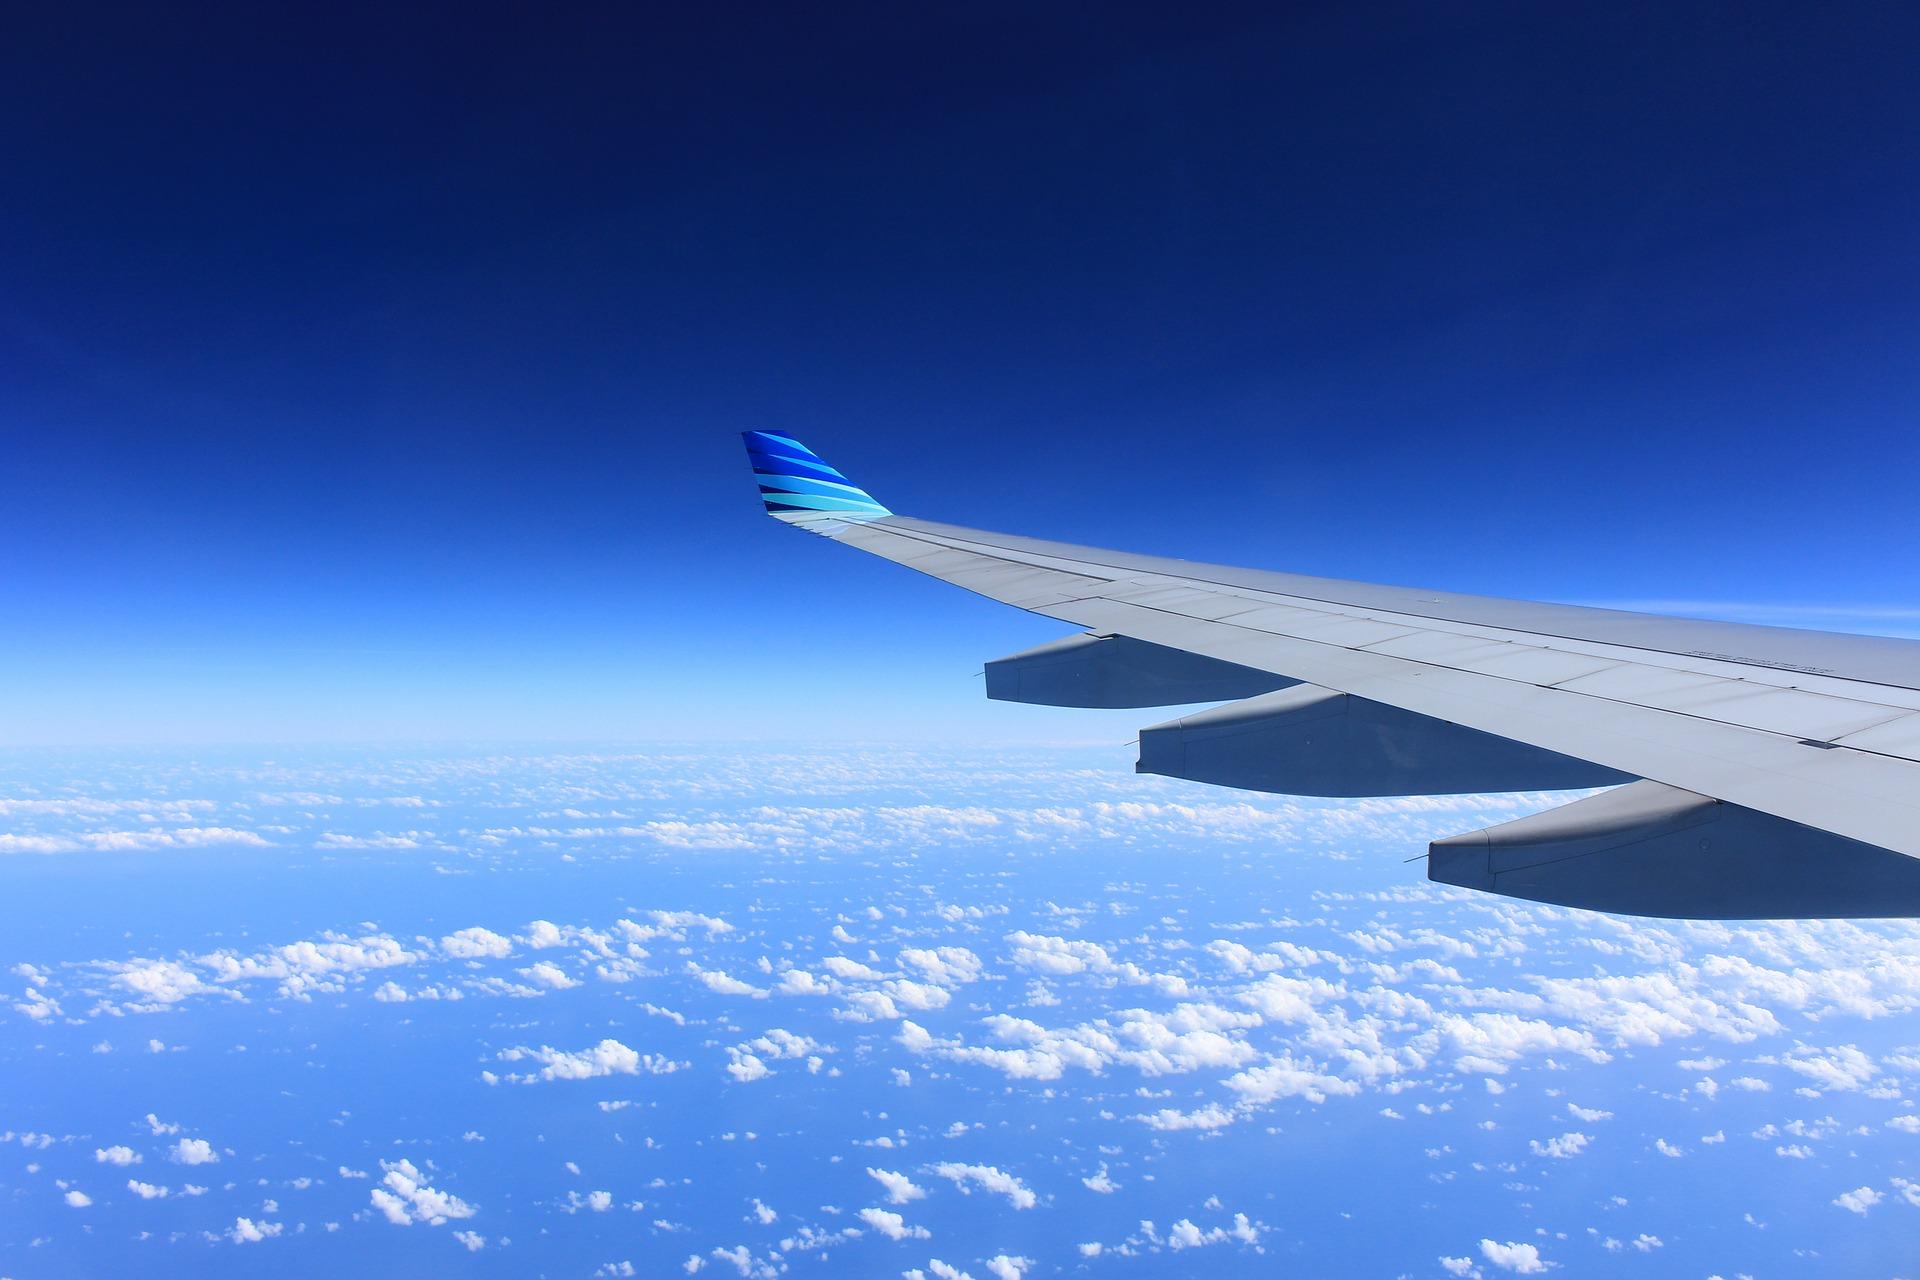 L'Ala dell'aeroplano che si assembla come un puzzle